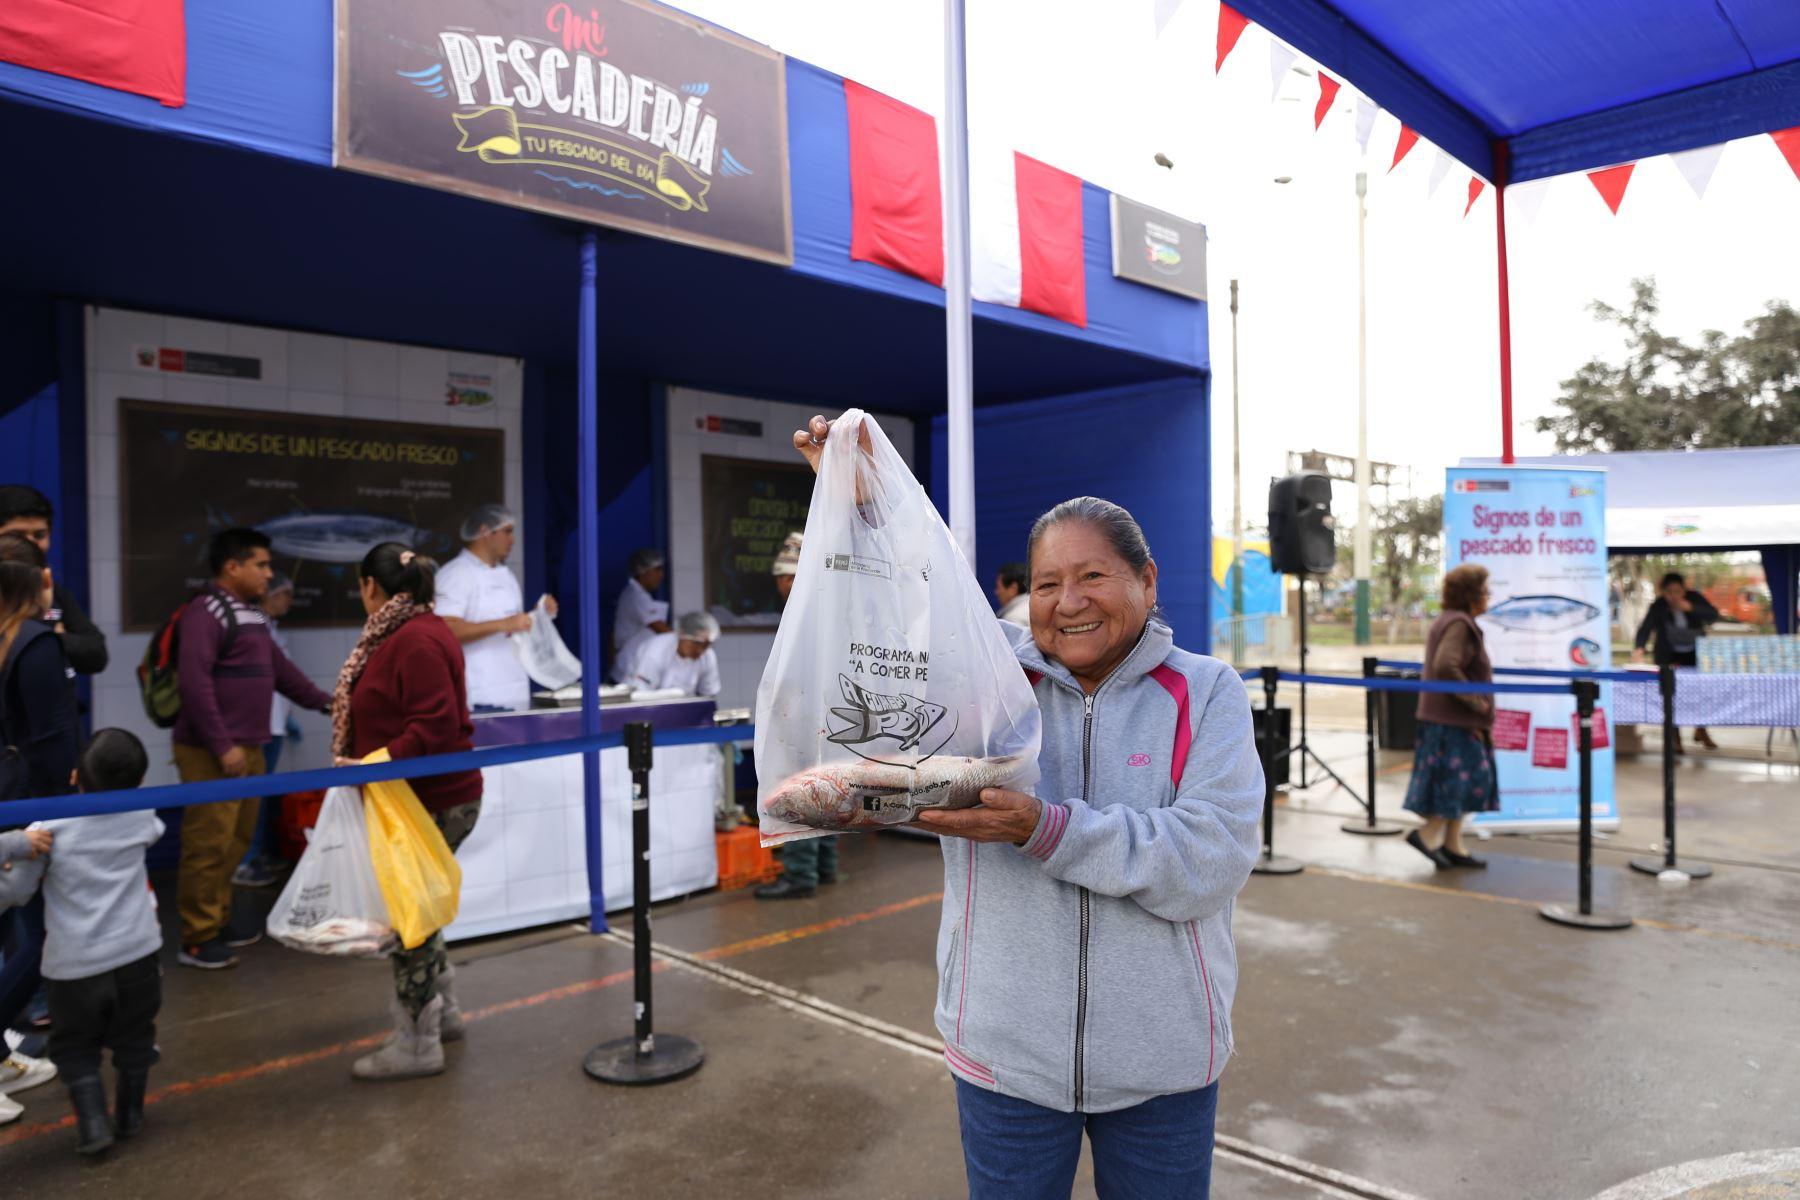 La Pescadería ofrece pescados a precios de terminal. Foto: Andina/Difusión